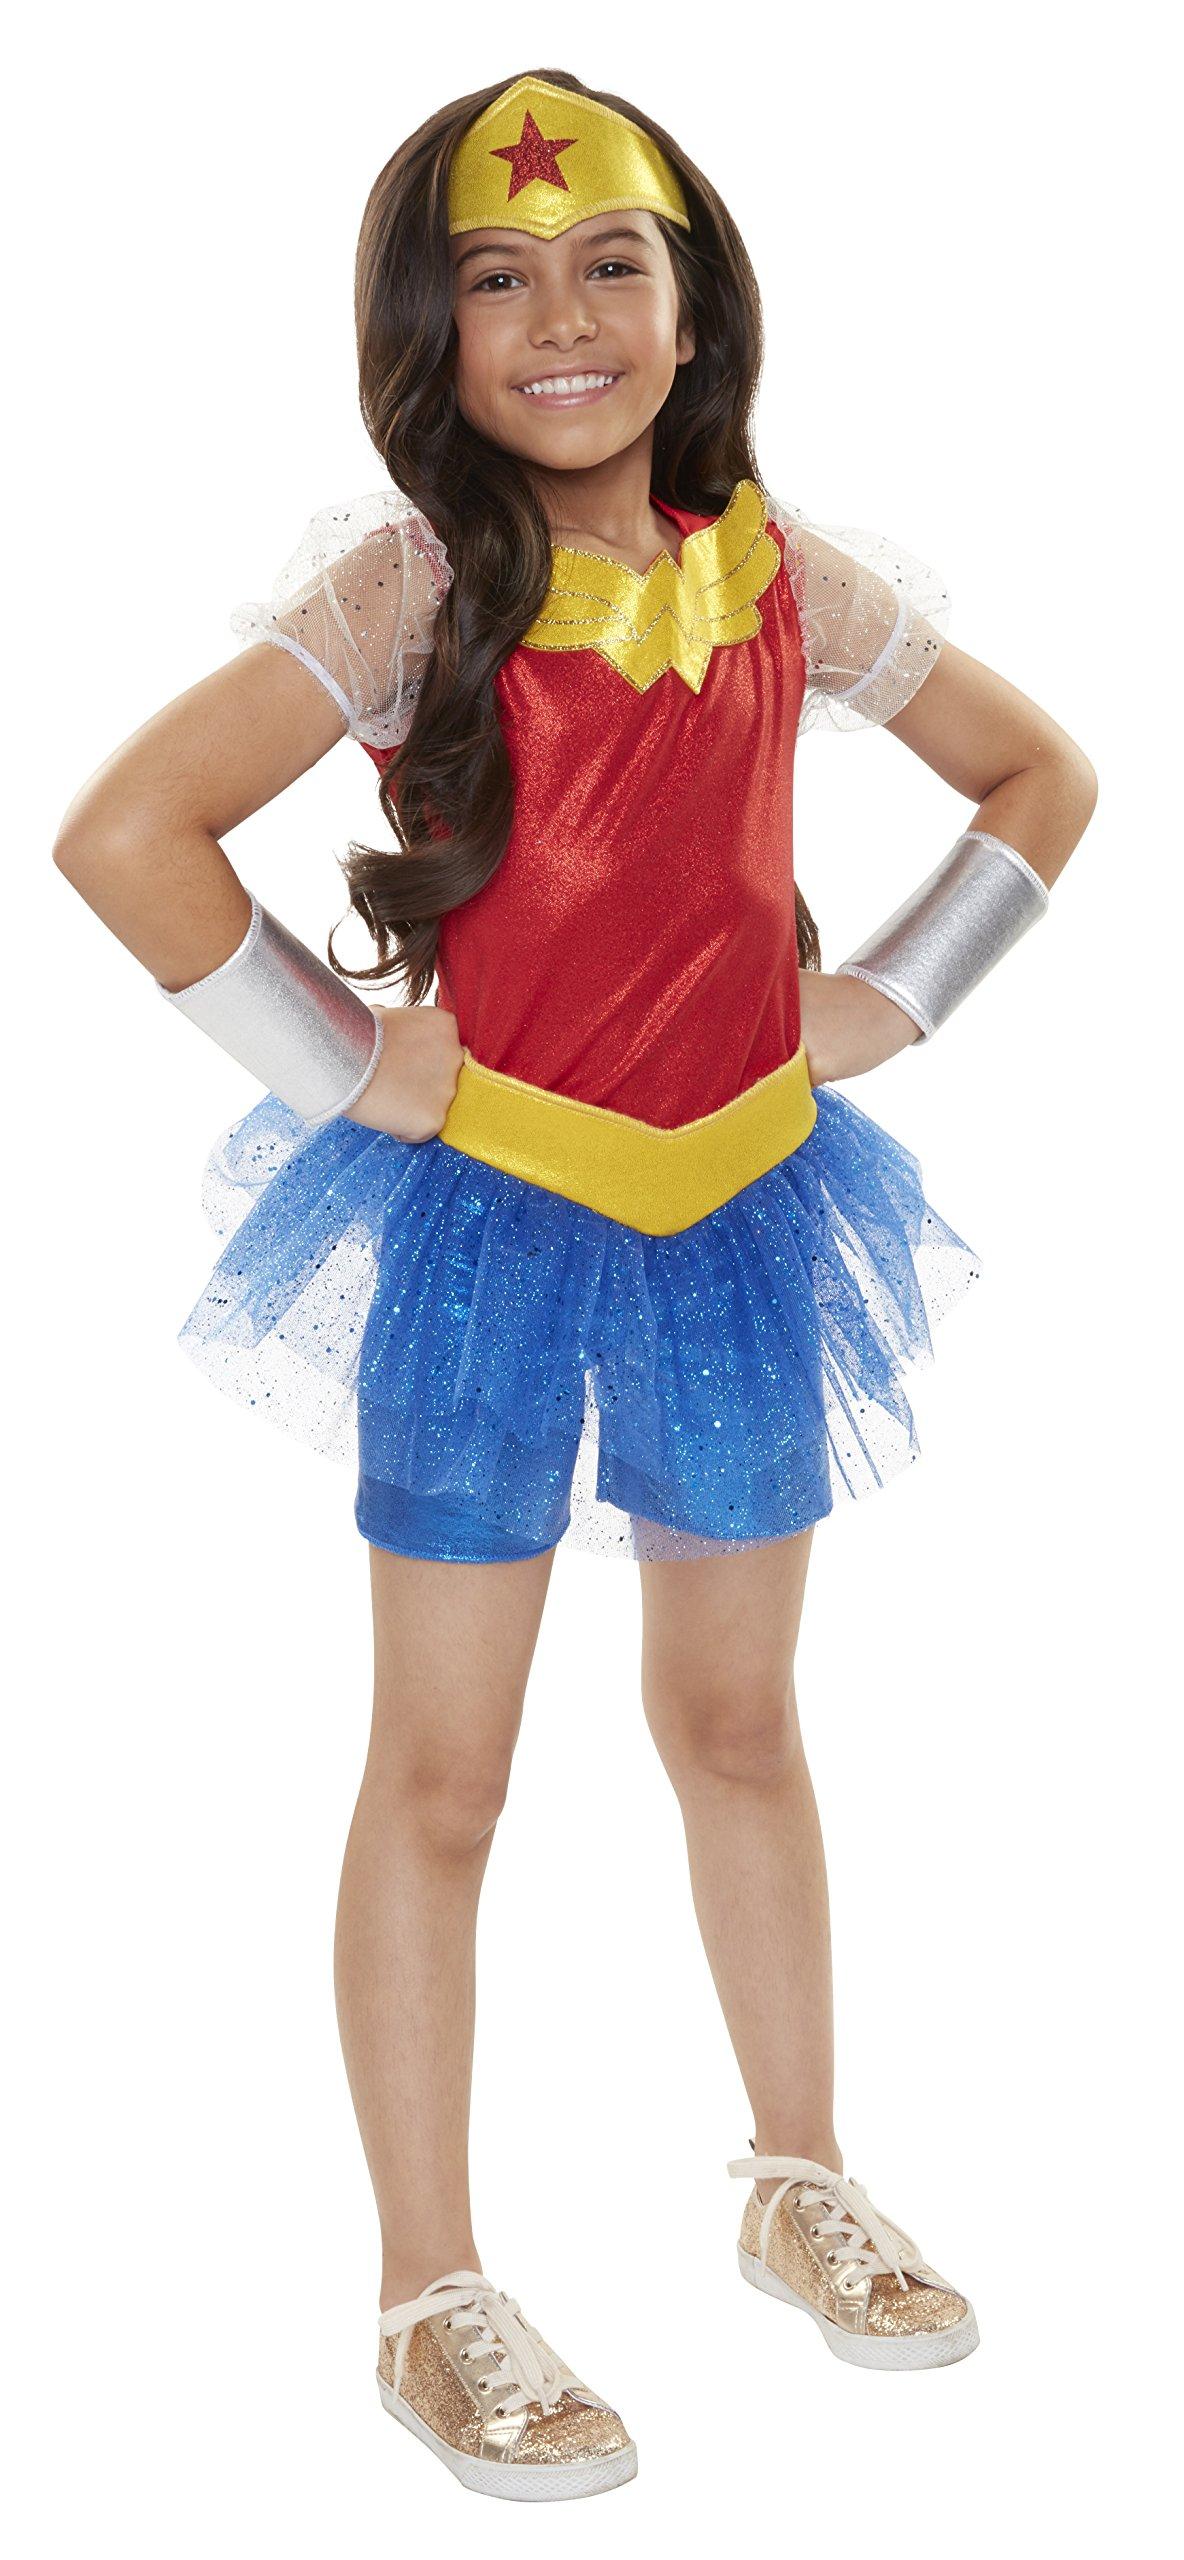 eadf8acf4c1 DC Comics Superhero Niñas Everyday Disfraces Disfraz de Wonder Woman (un  tamaño)